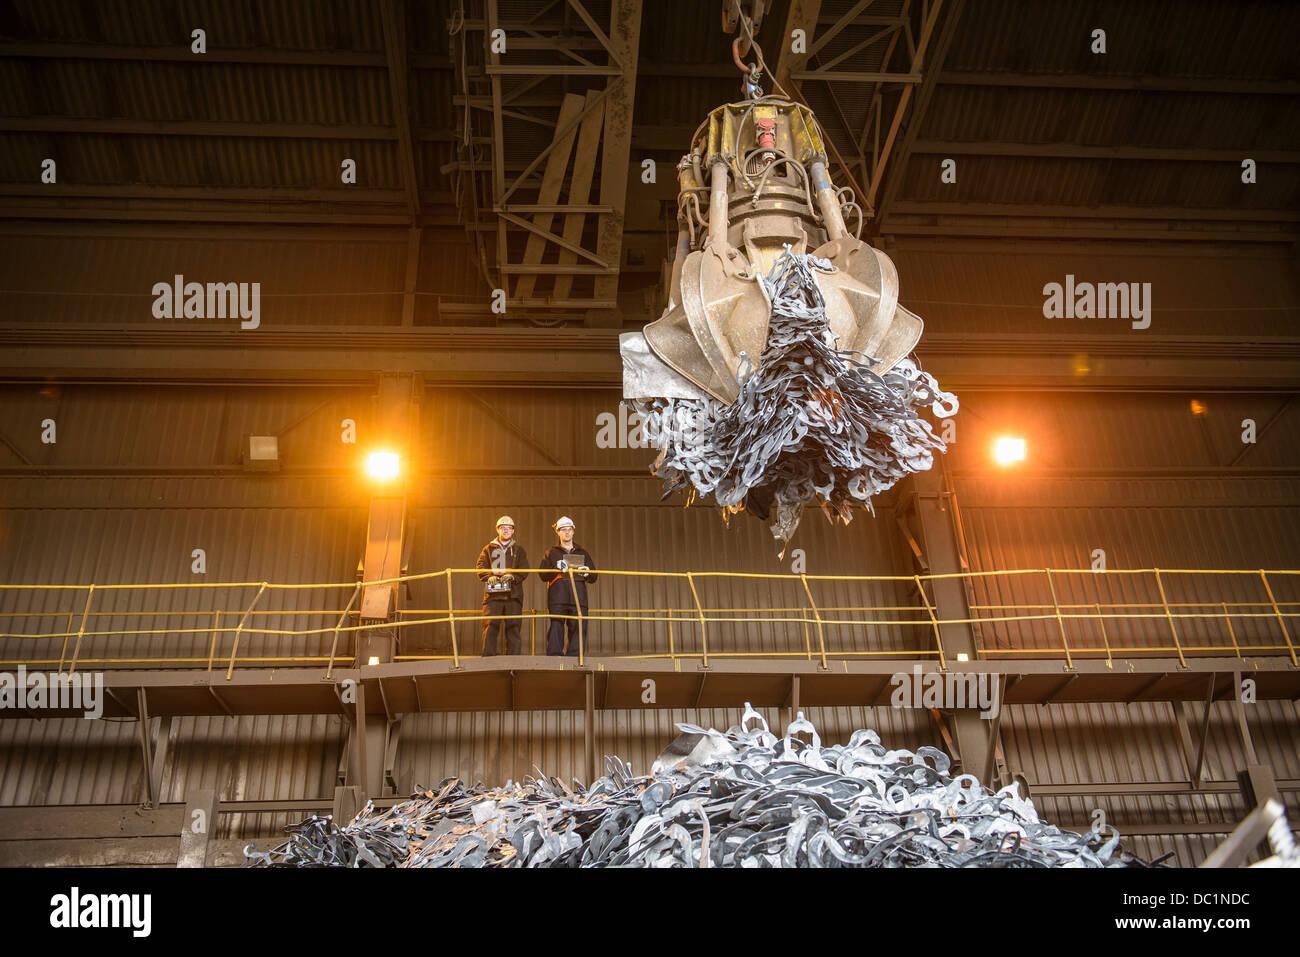 Lavoratori di acciaio guardando meccanica grabber in fonderie di acciaio Immagini Stock